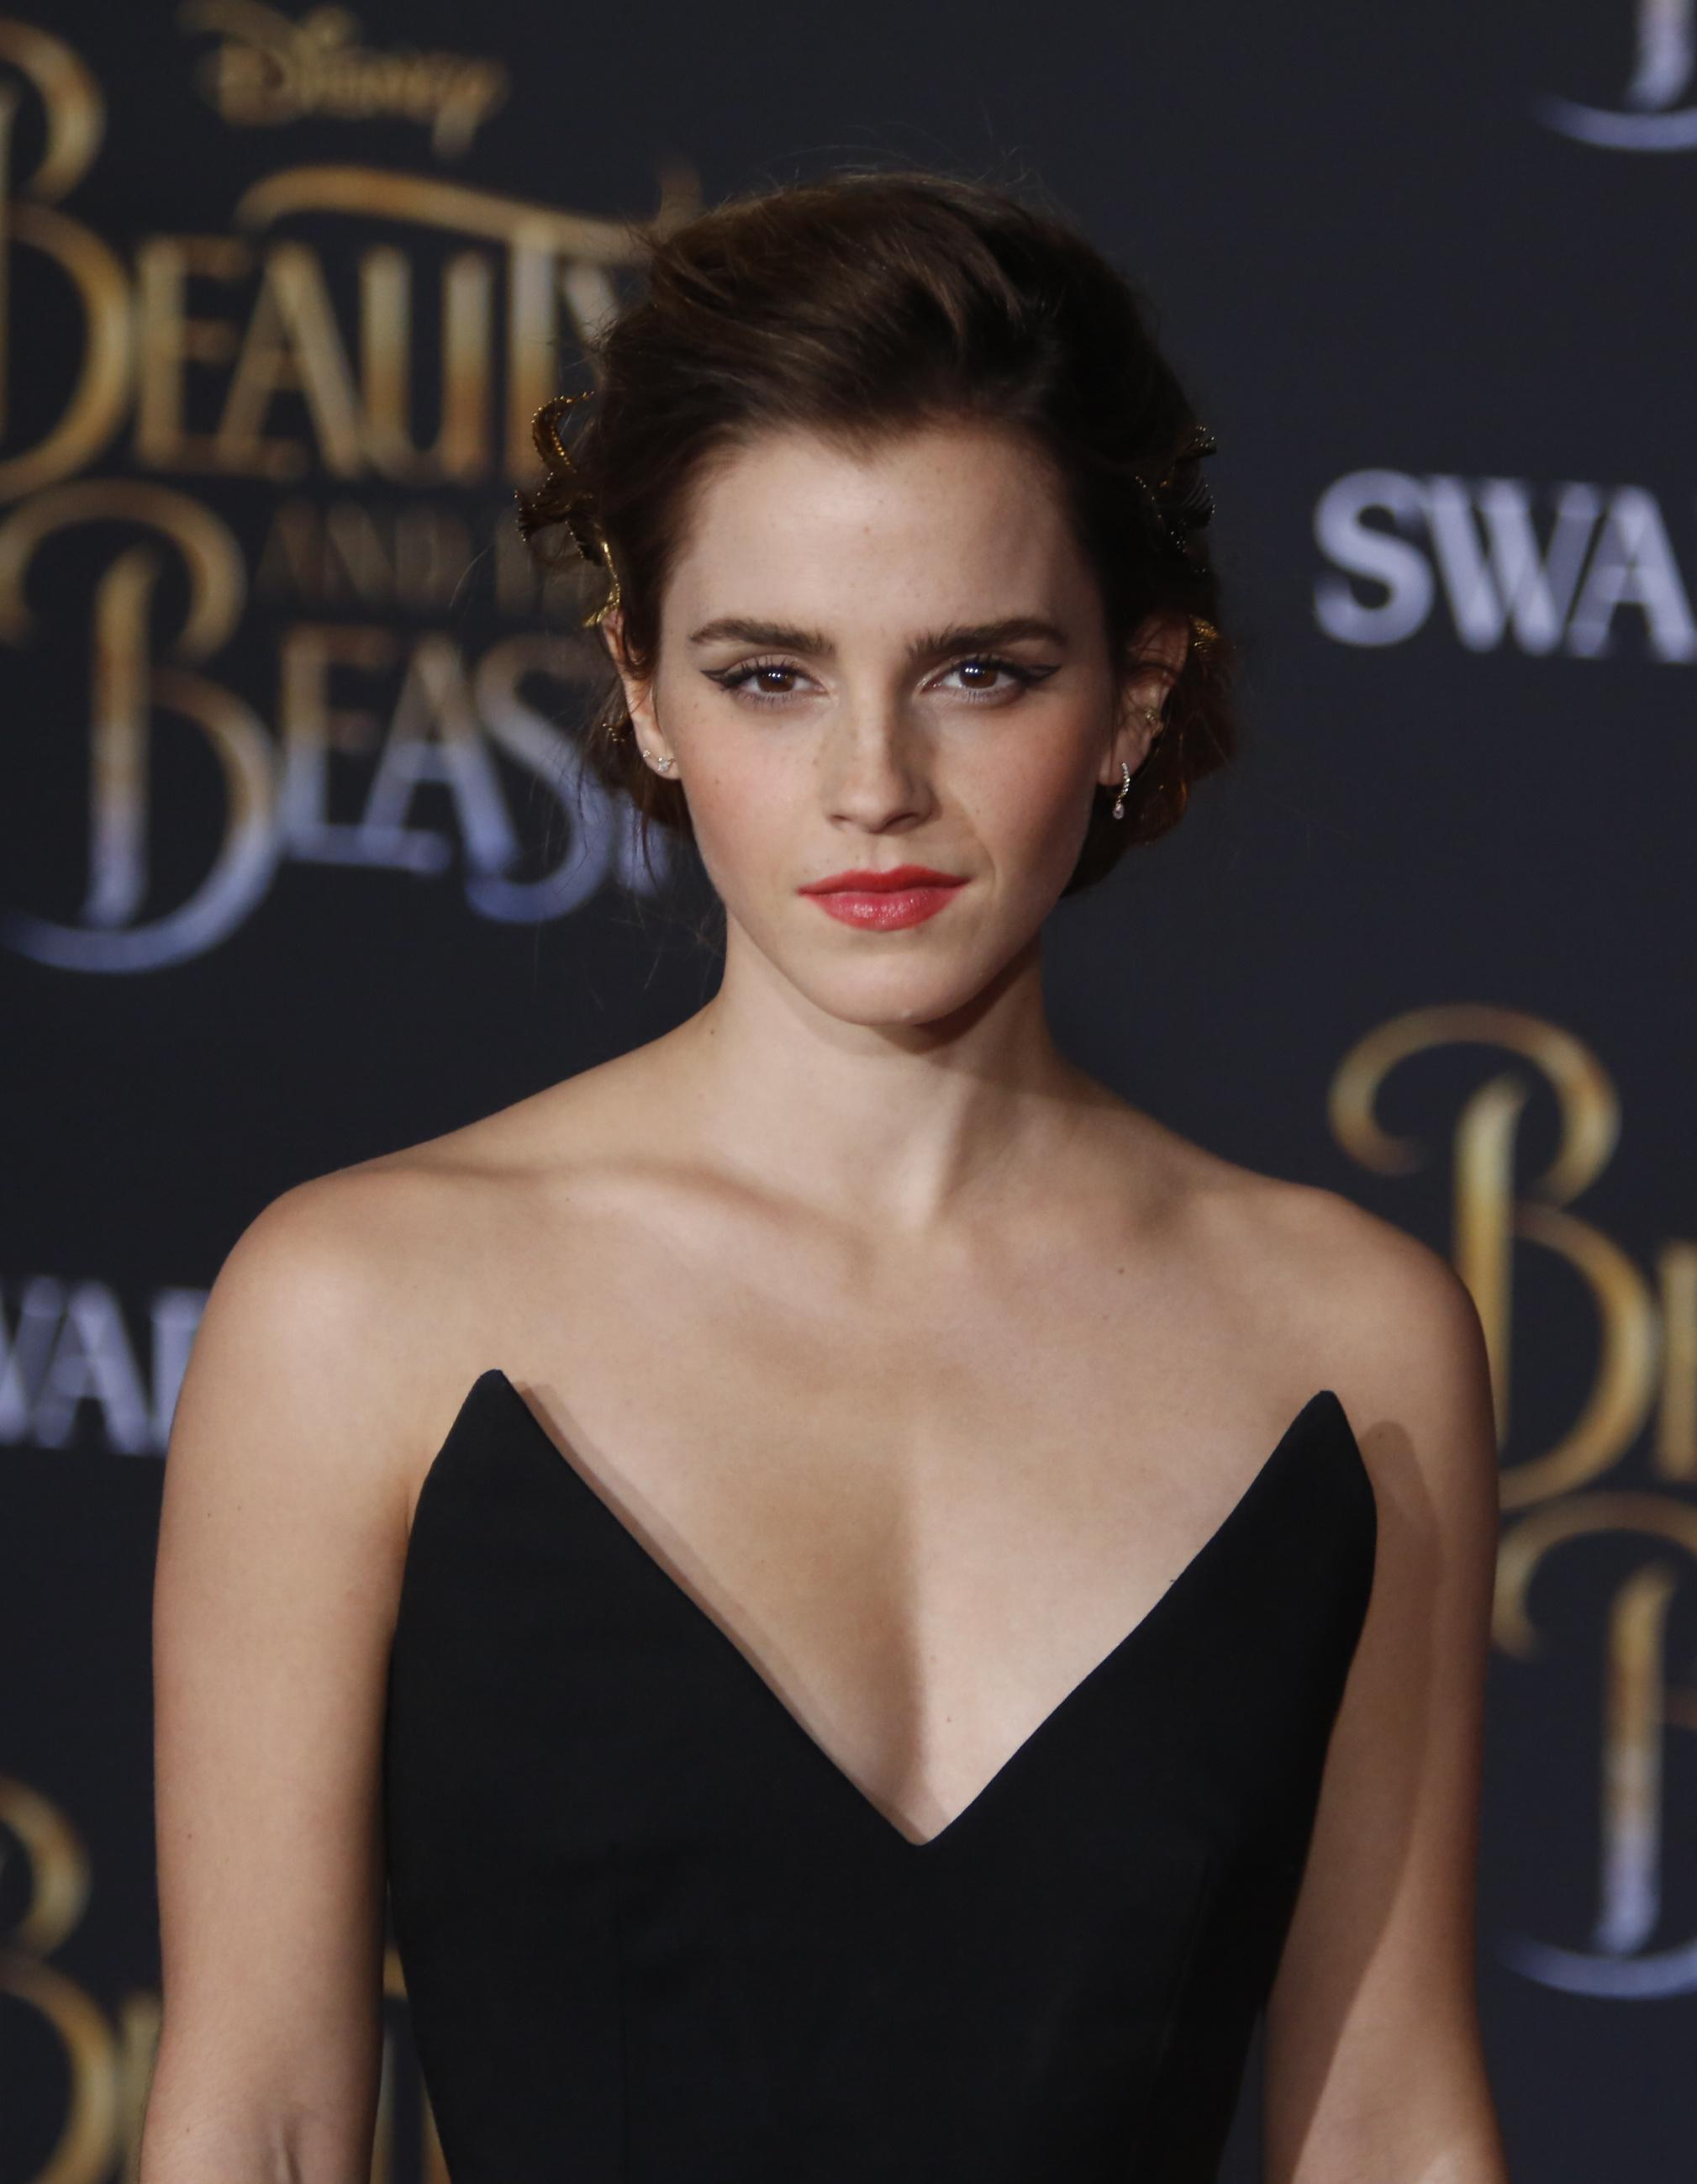 De Elle À Évolution Aujourd'hui Emma Harry Potter WatsonSon 8k0OPnw